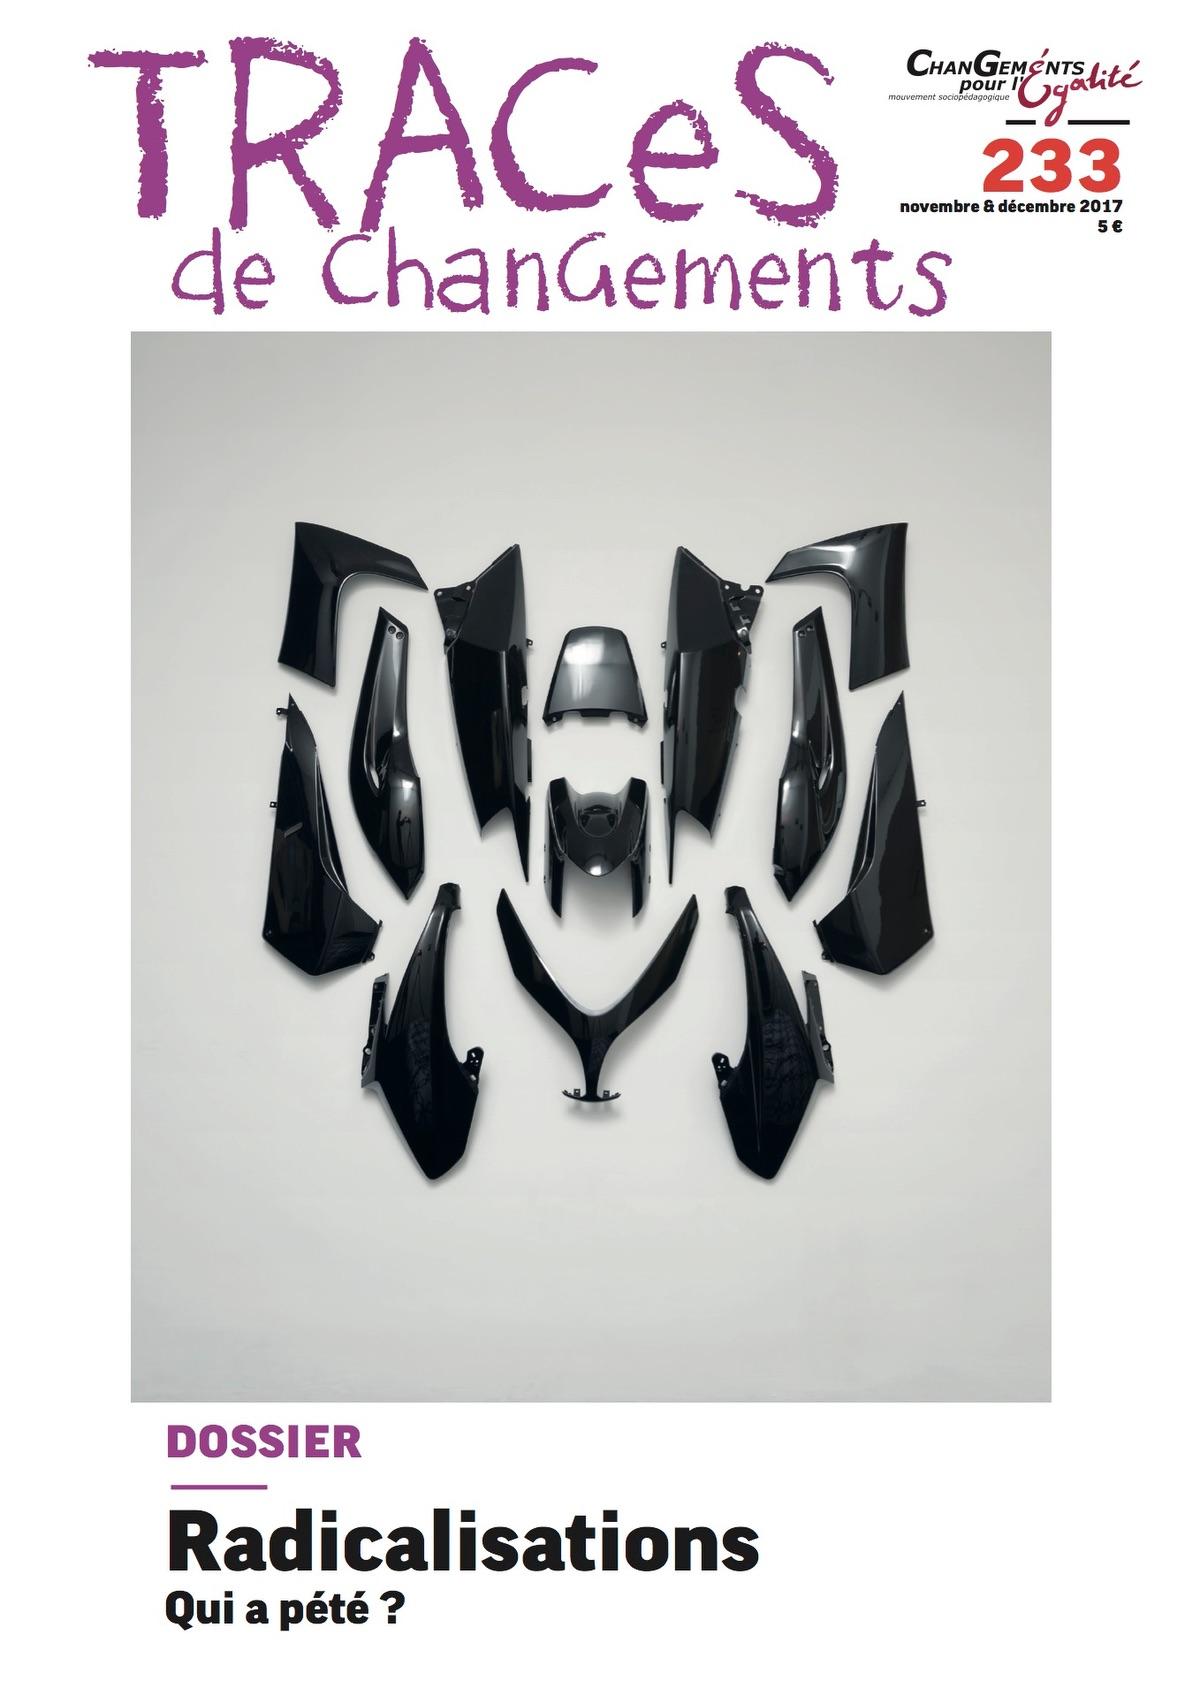 TRACeS 226 1 5€/pce Abonnement 15 €/an  S'abonner c'est intéressant sur tous les plans ! En vous abonnant, vous soutiendrez la programmation de l'équipe TRACeS. Abonnez-vous !  www.changement-egalite.be CGé, ChanGements pour l'égalité, mouvement sociopédagogique. Chaussée d'Haecht, 66 — 1210 Bruxelles Tél. : 02 218 34 50 Fax : 02 218 49 67 traces@changement-egalite.be